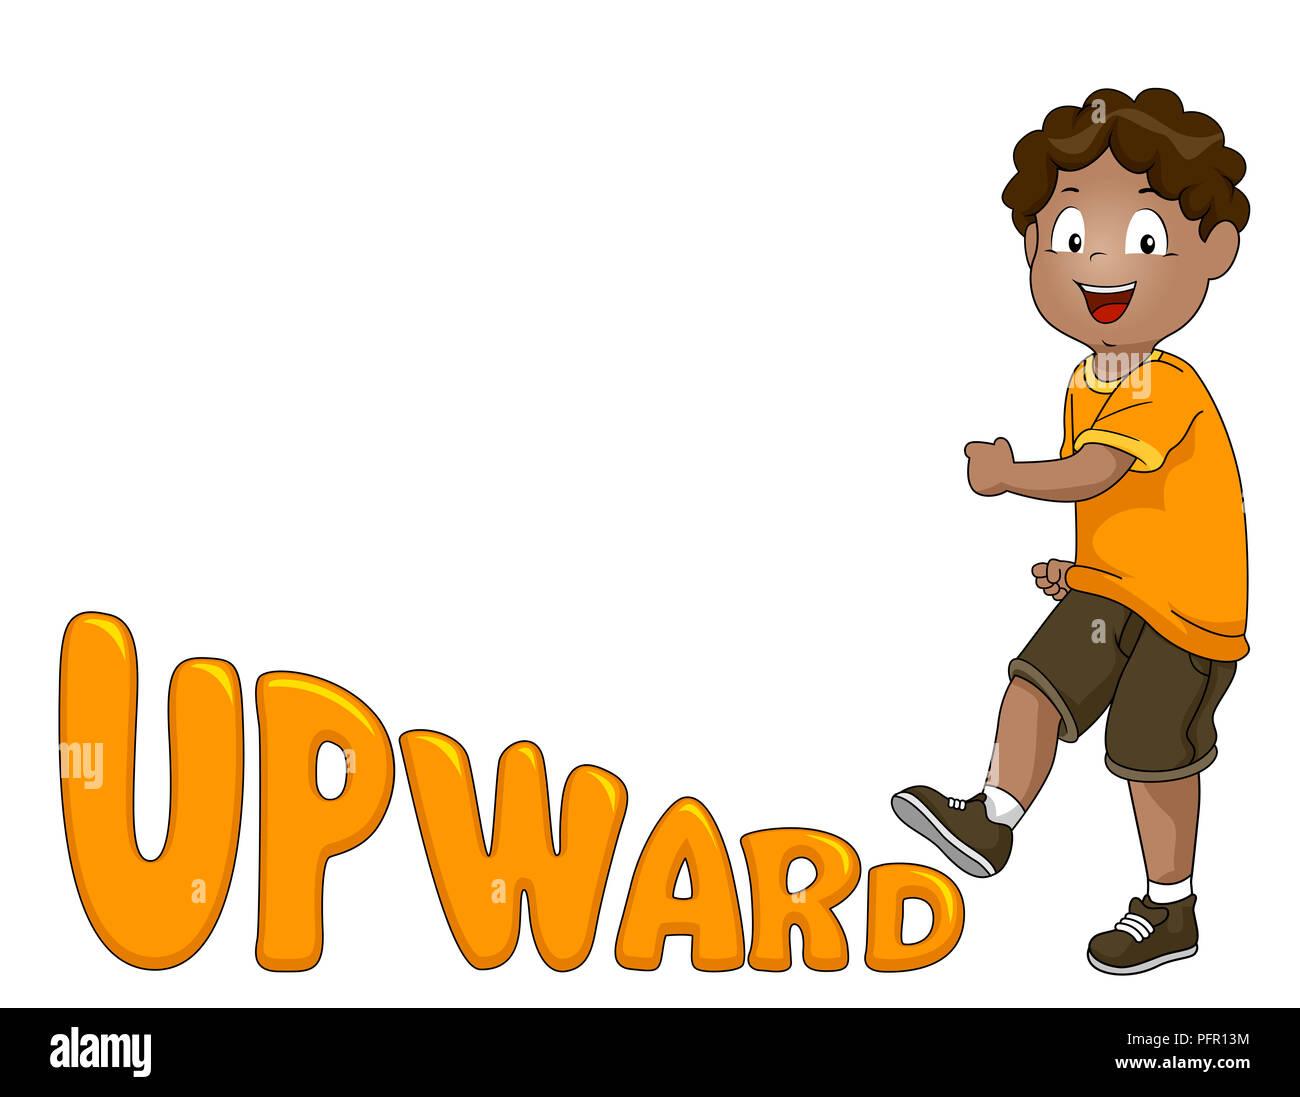 Ilustración de un niño chico Sube una palabra hacia arriba o letras Imagen De Stock